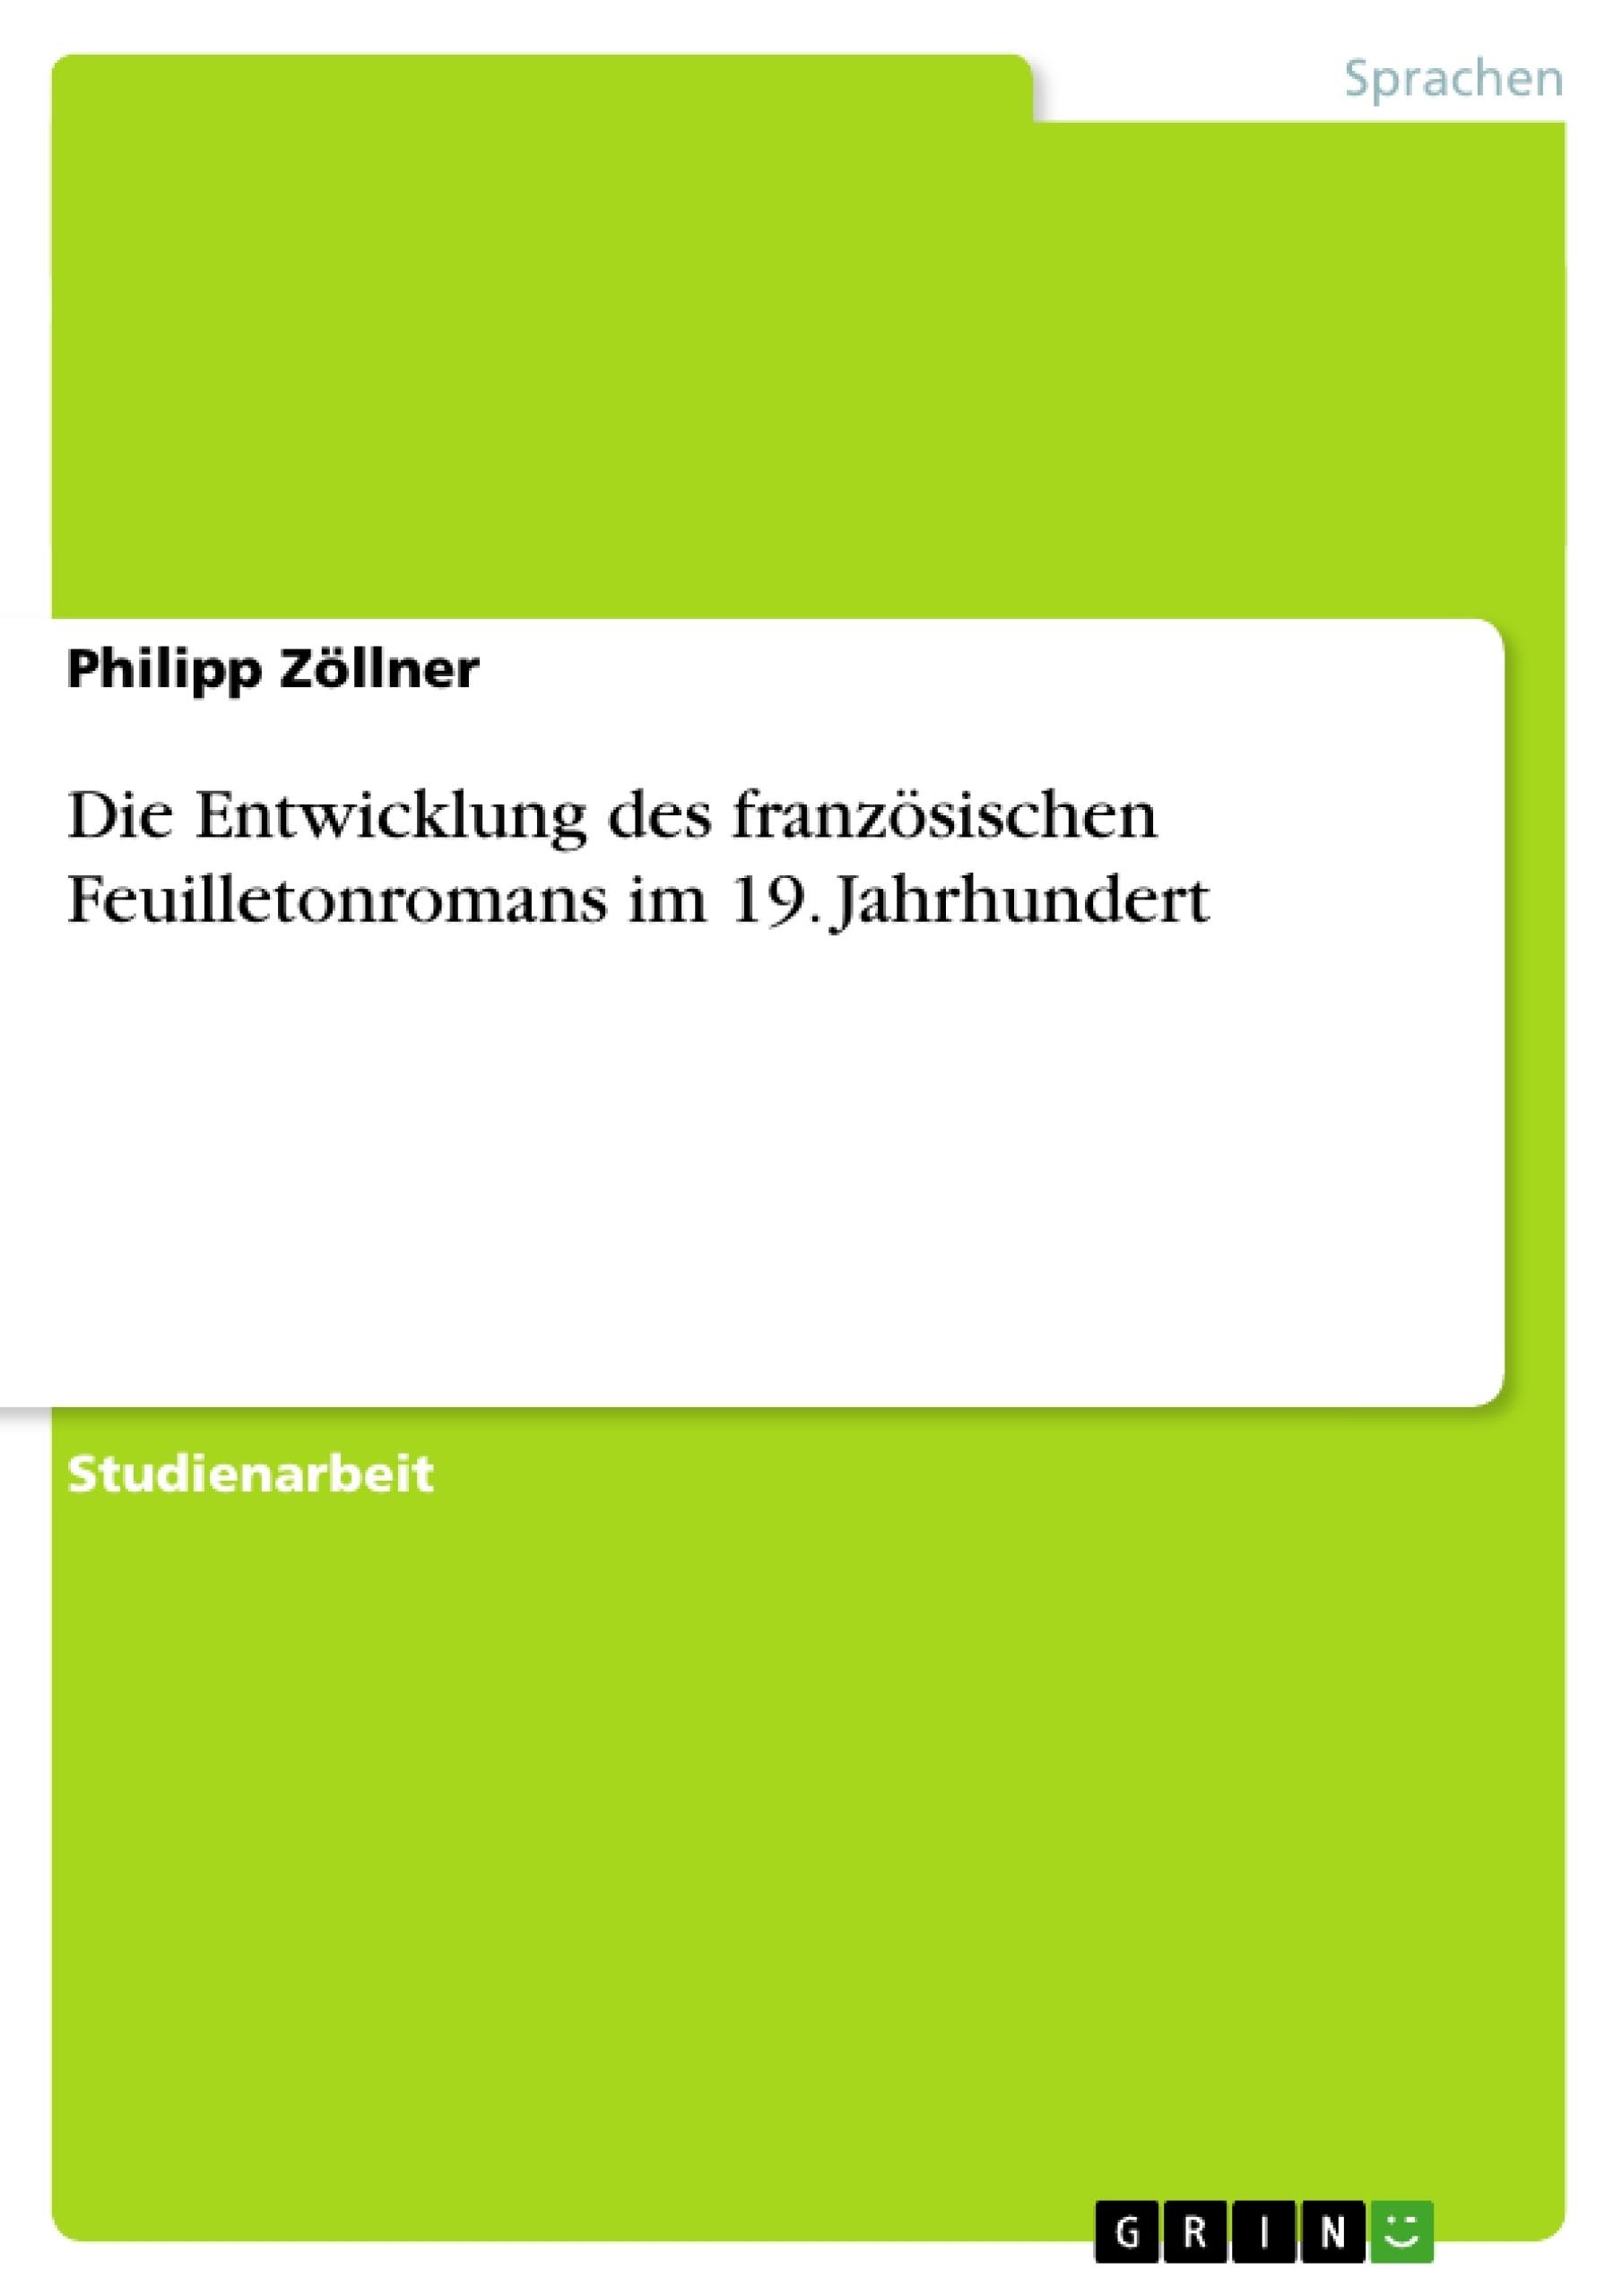 Titel: Die Entwicklung des französischen Feuilletonromans im 19. Jahrhundert